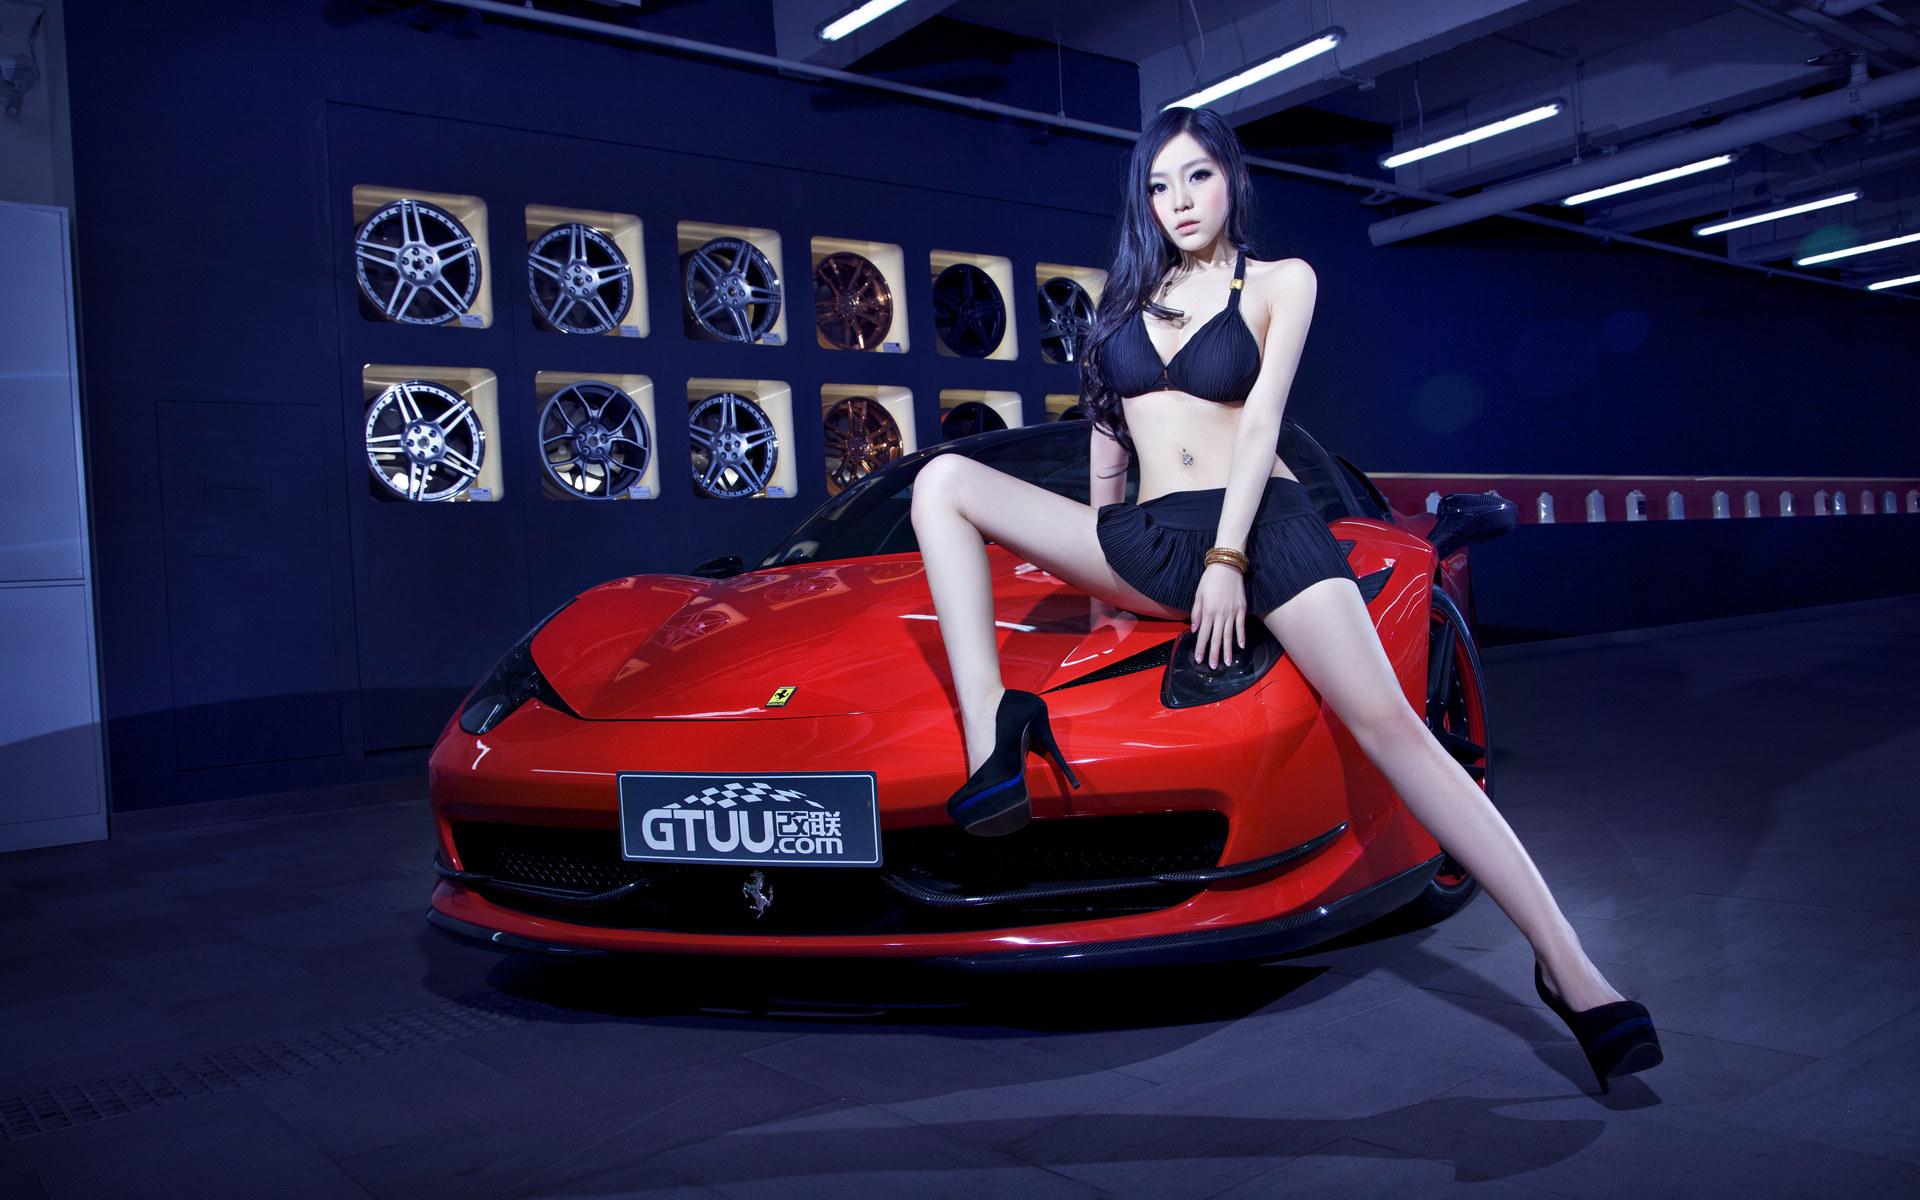 法拉利性感美女车模壁纸高清图片